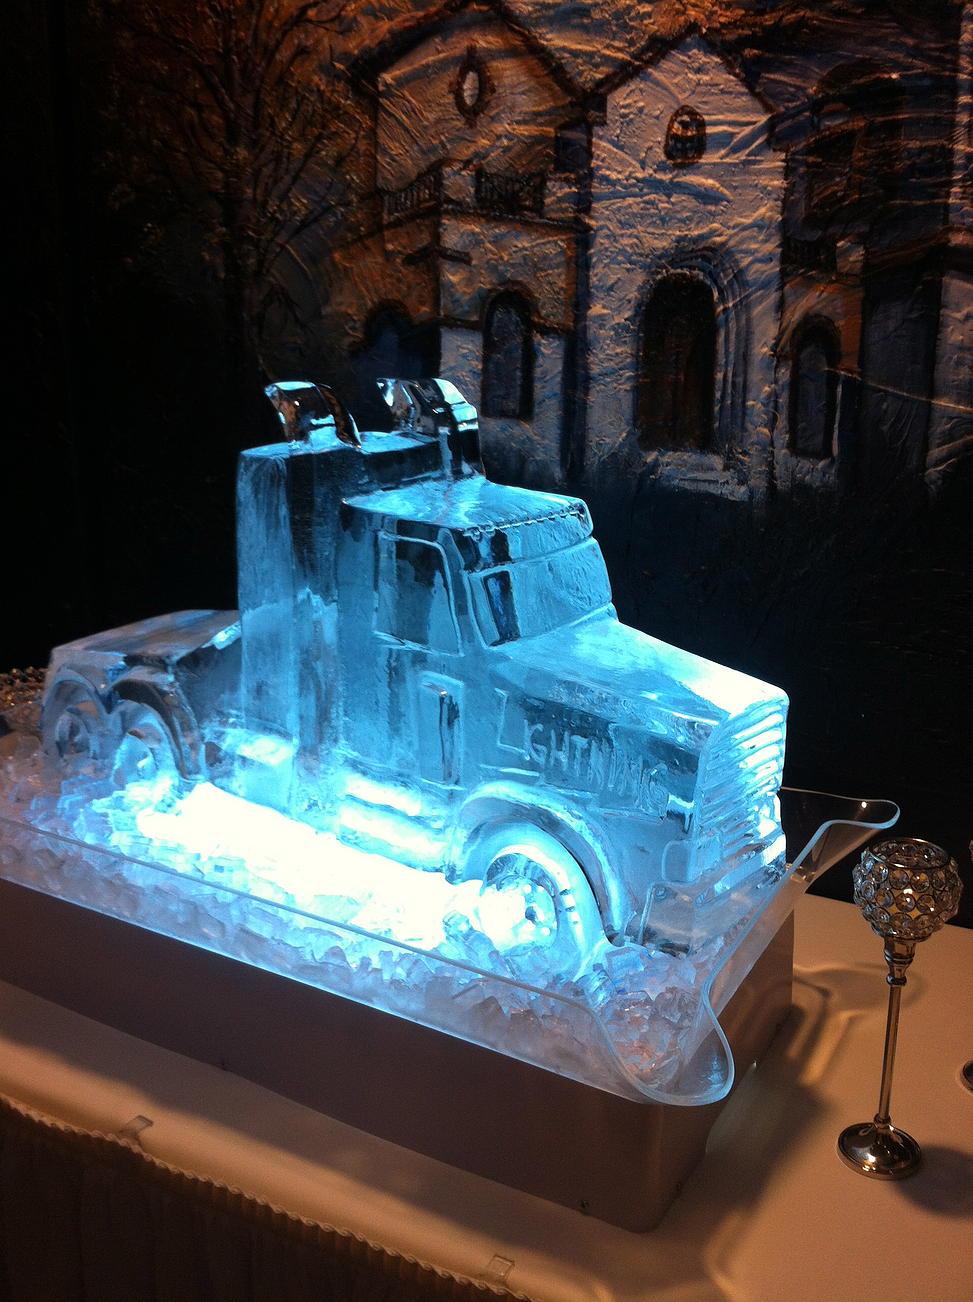 Diesel ice sculpture